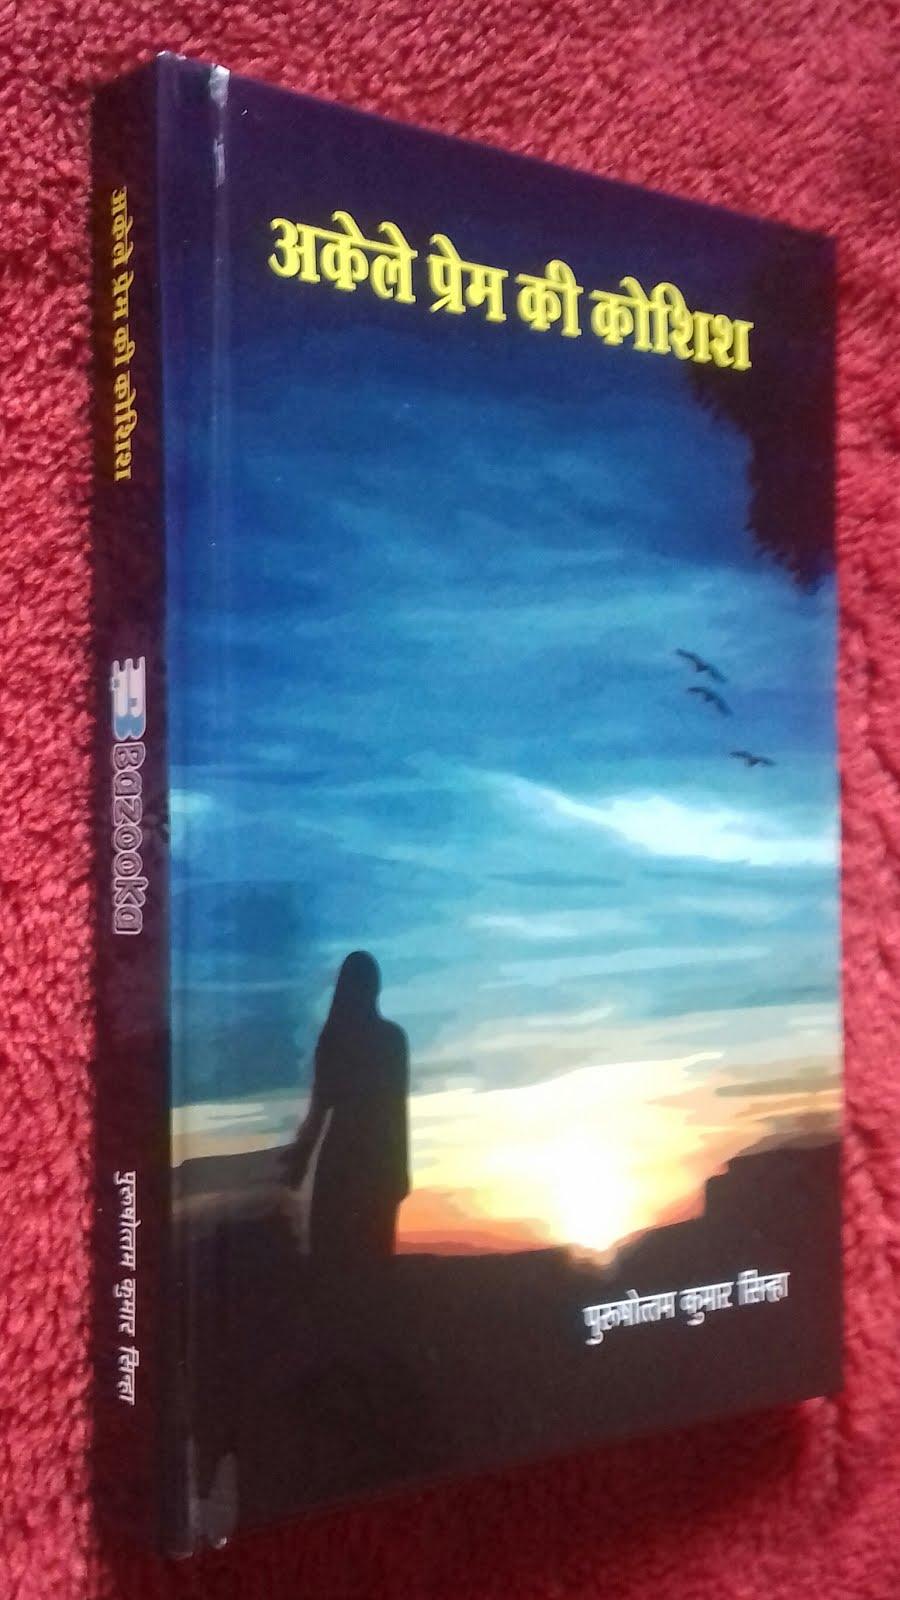 मेरी चुनीदा रचनाओं की पुस्तक